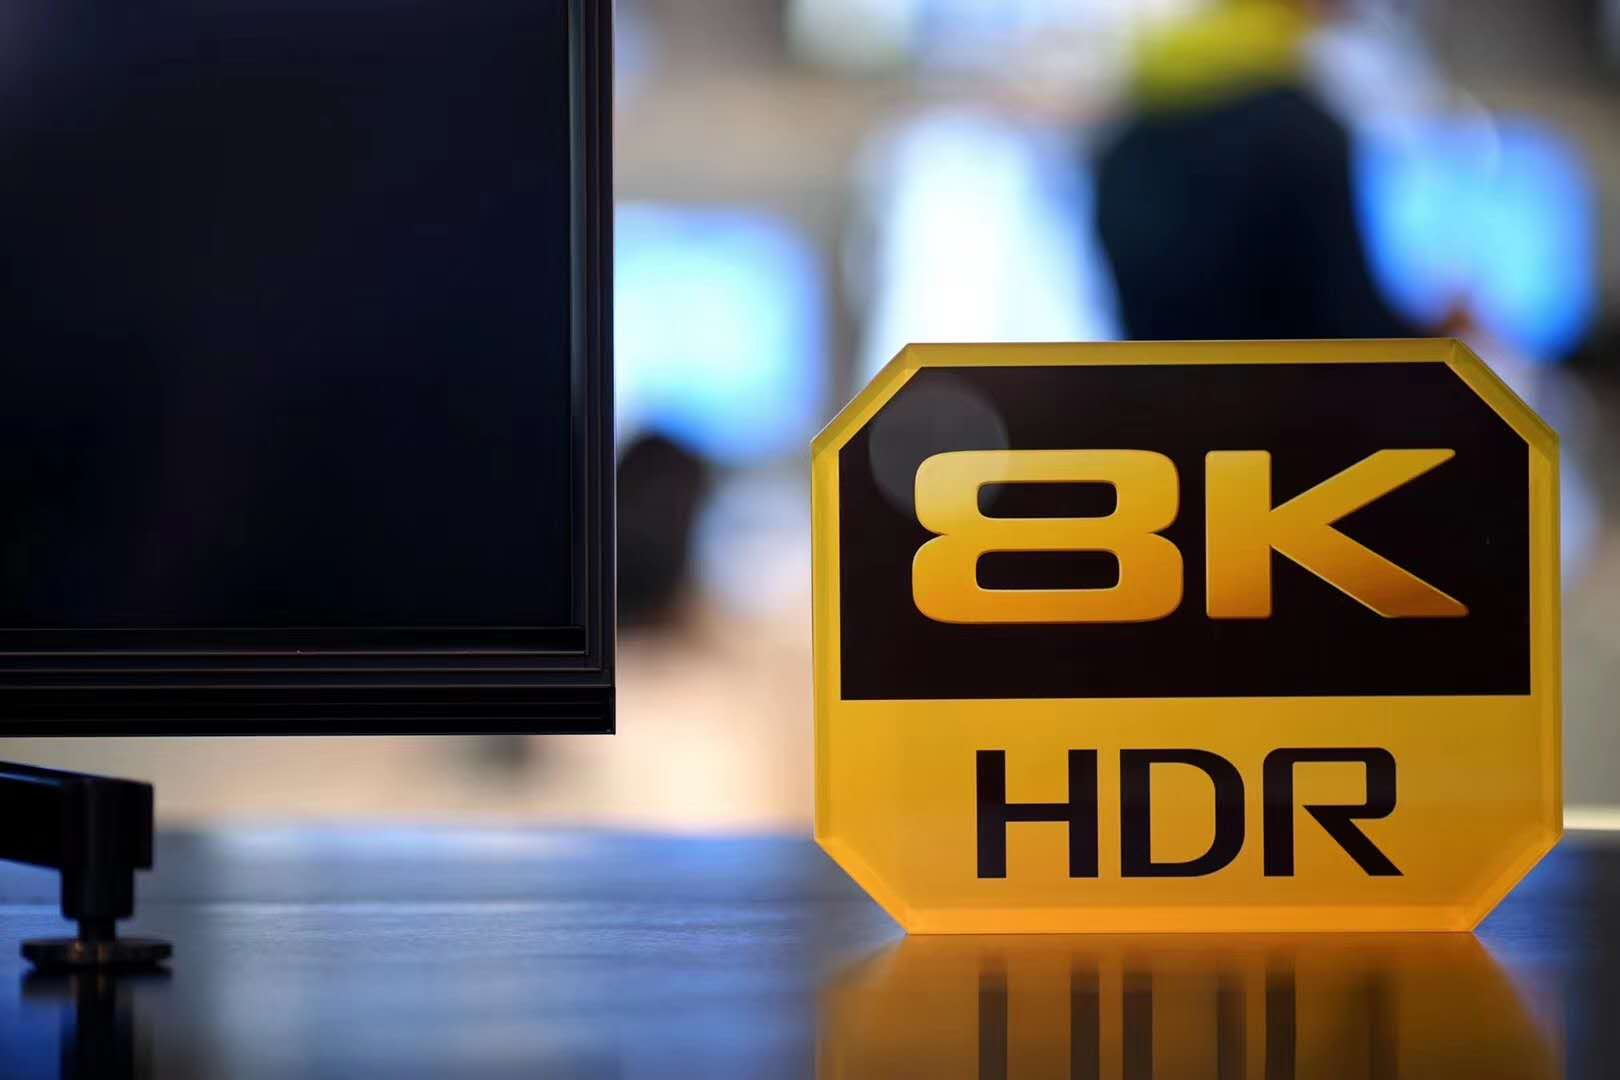 分辨率新基准 夏普第三代8K电视80A9BW体验